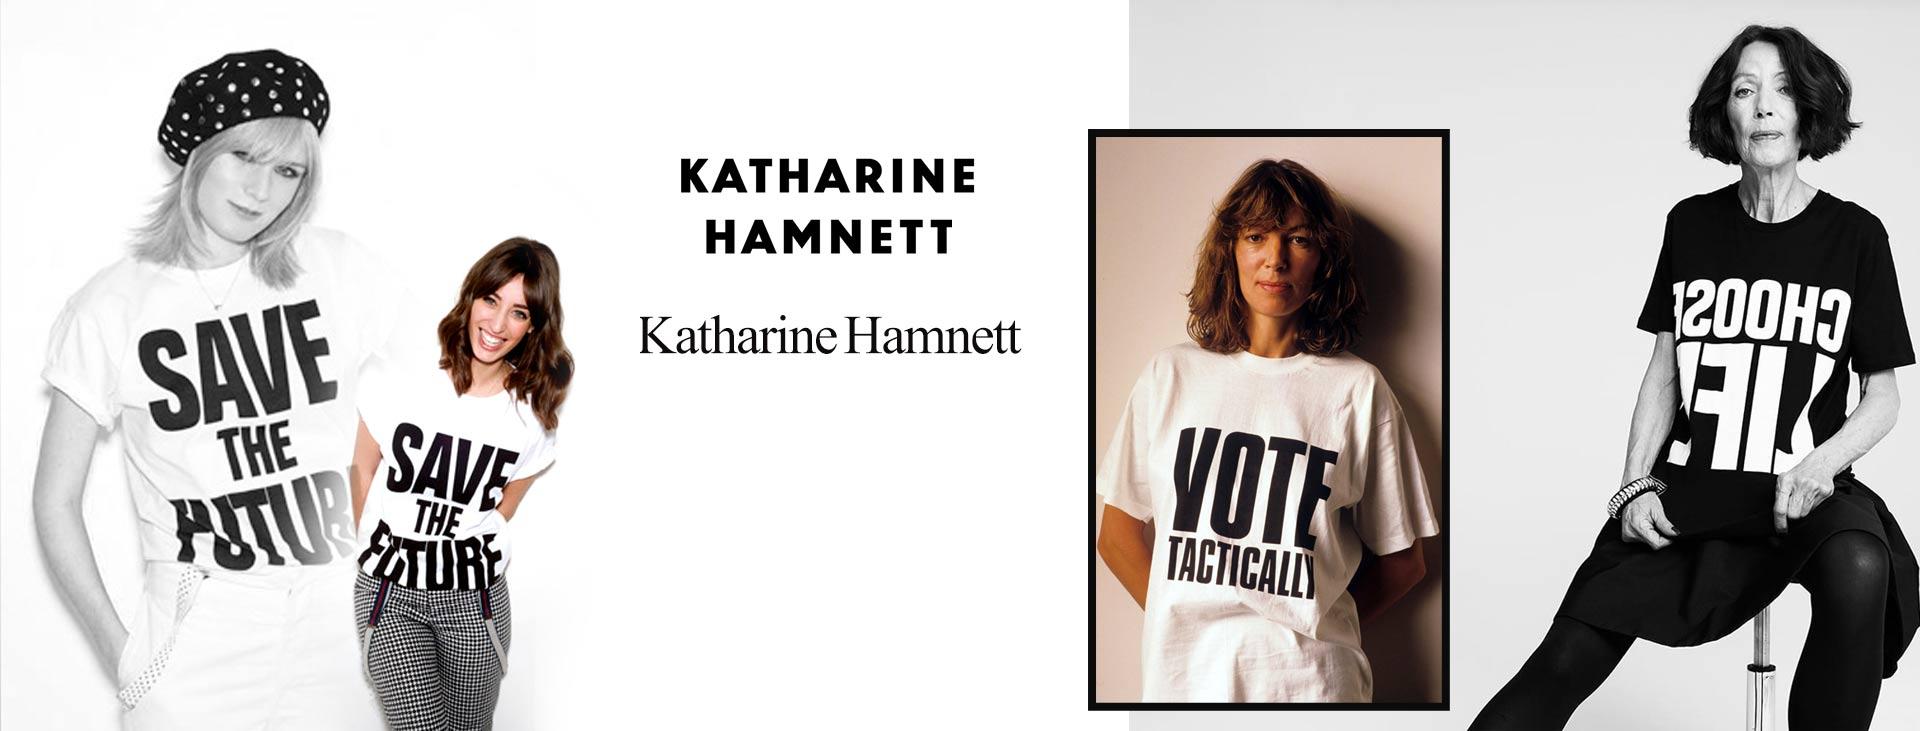 katharine hamnett 2 - زنان پیشگام در صنعت مد